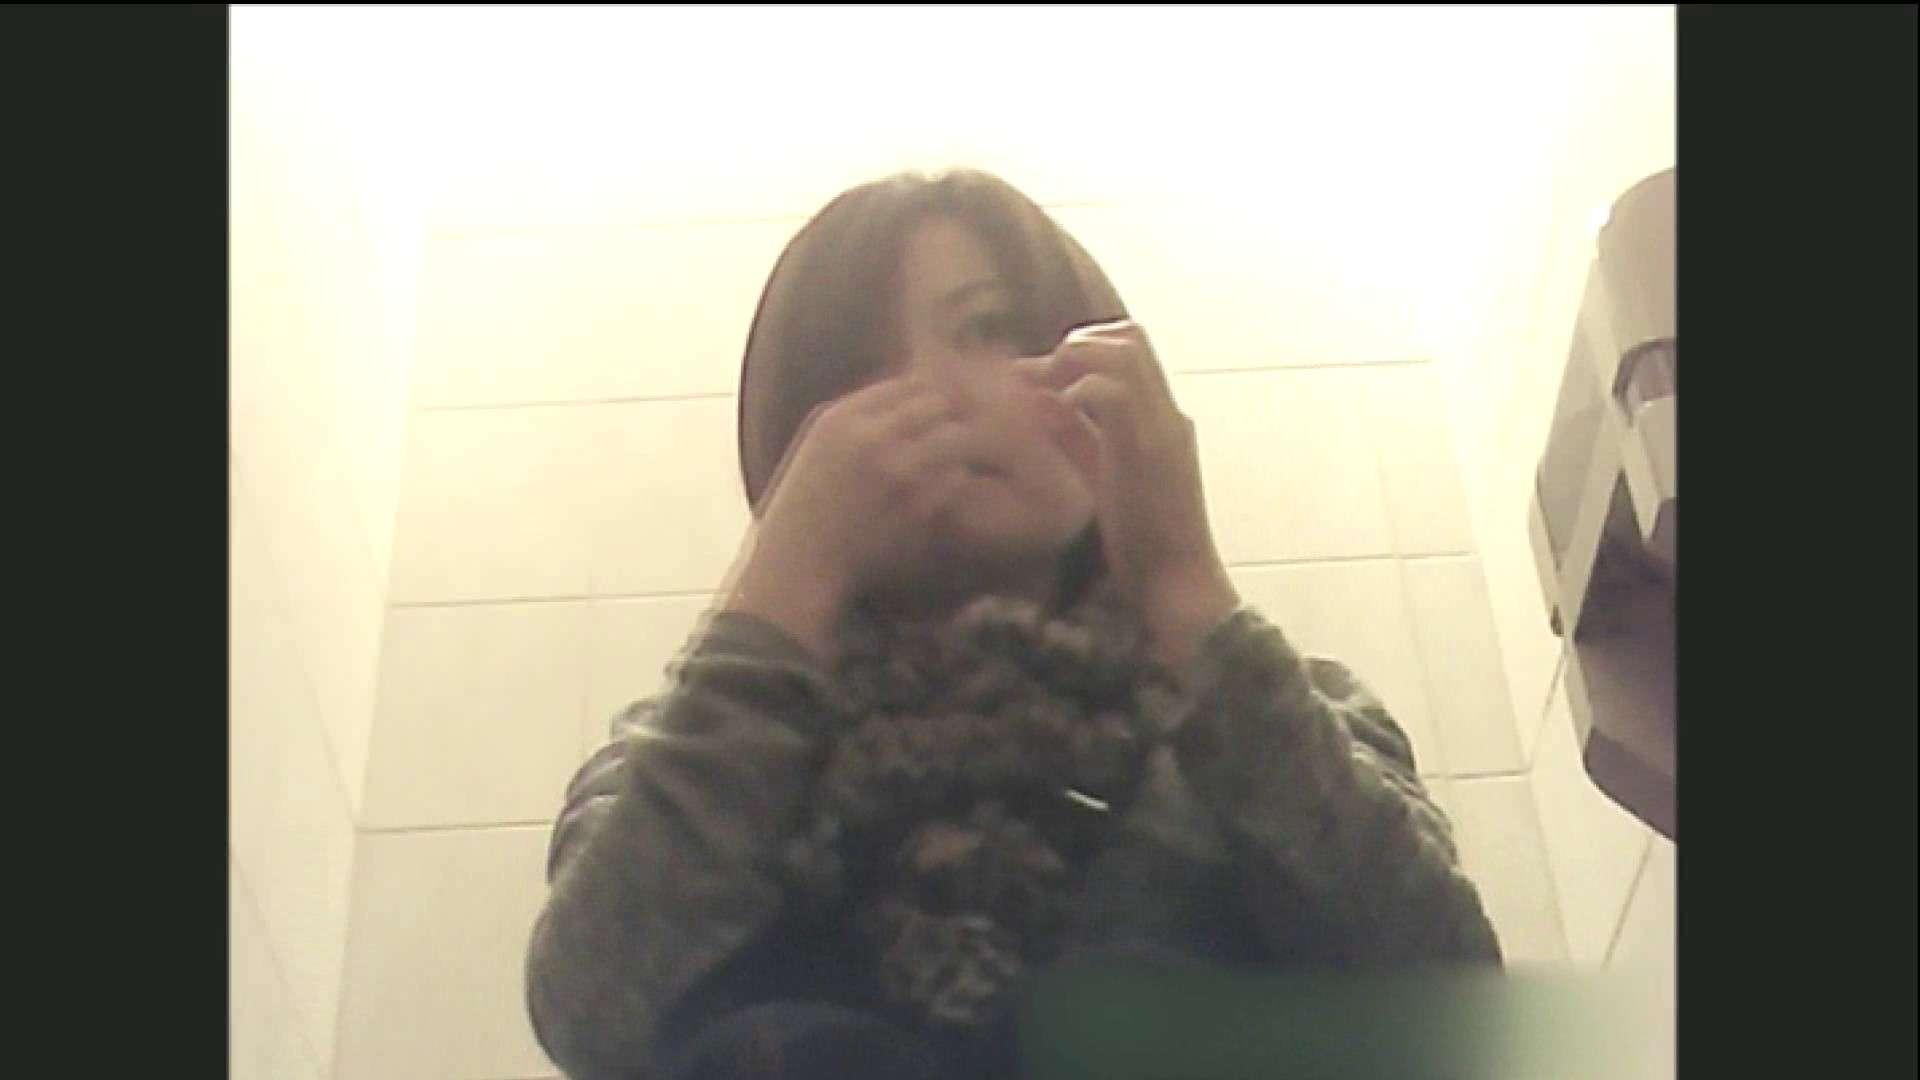 実録!!綺麗なお姉さんのトイレ事情・・・。vol.10 OLの実態 覗きおまんこ画像 86pic 74